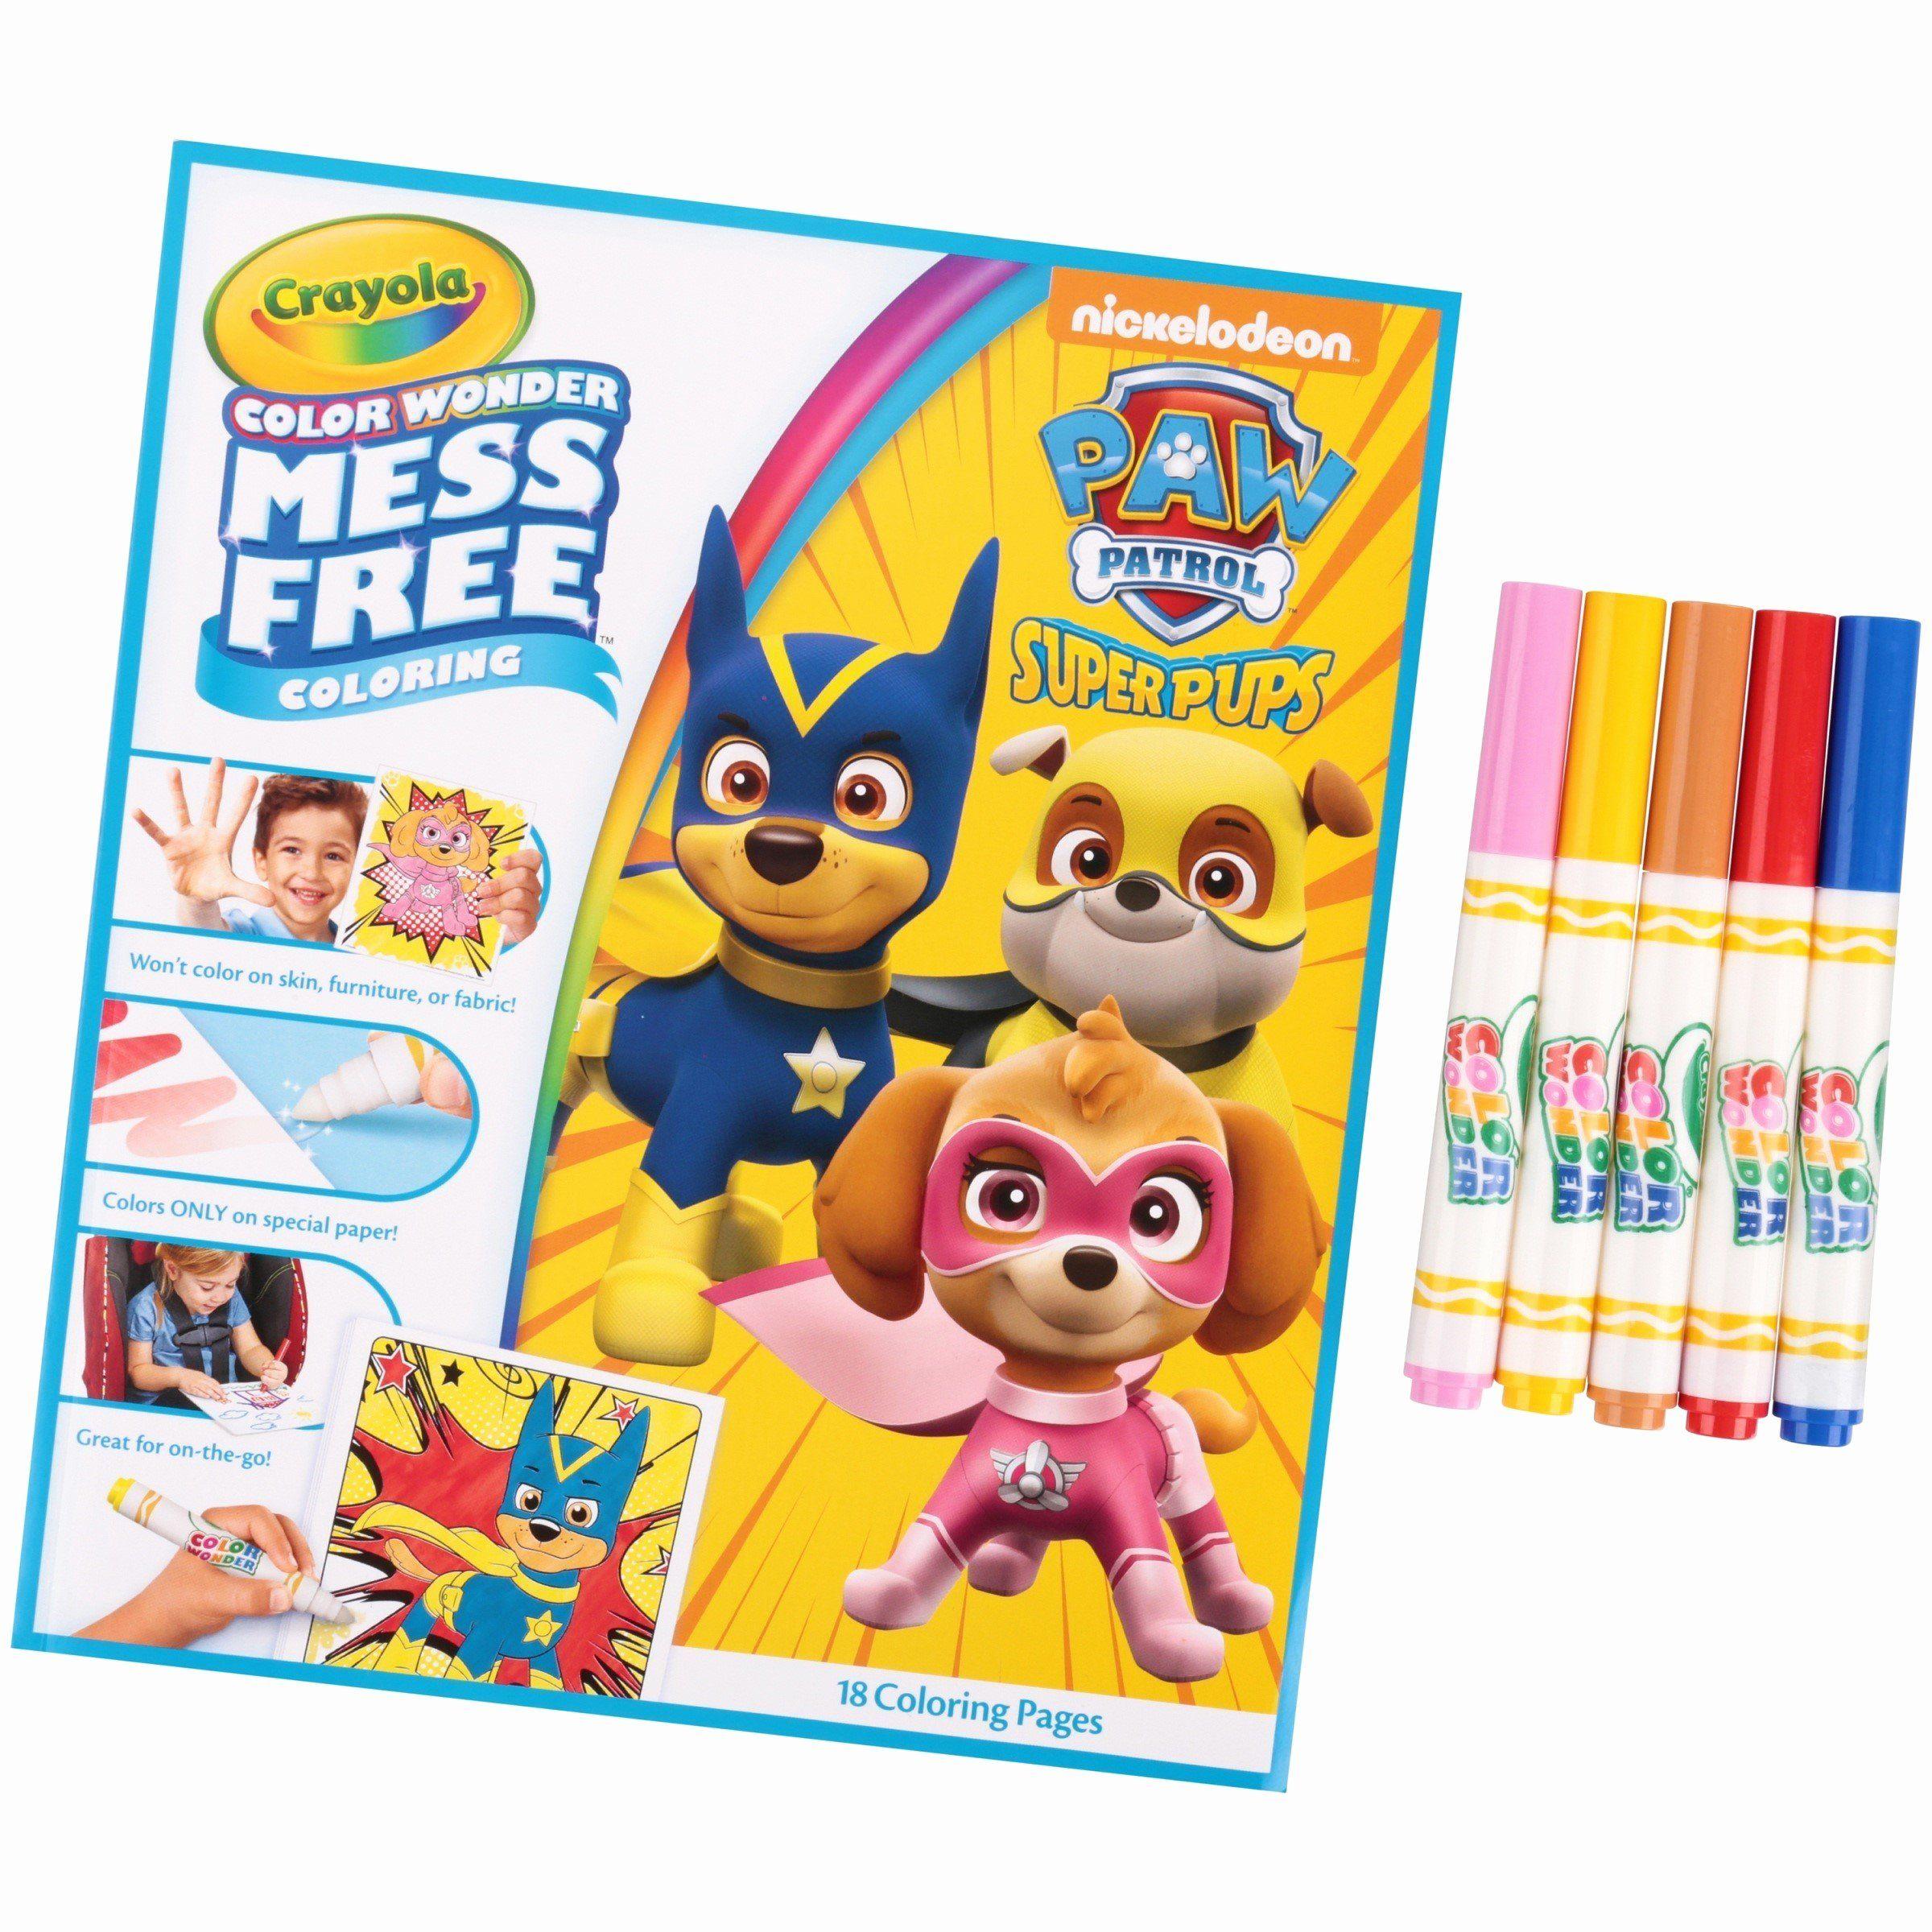 Crayola Mess Free Coloring Luxury Crayola Color Wonder 30